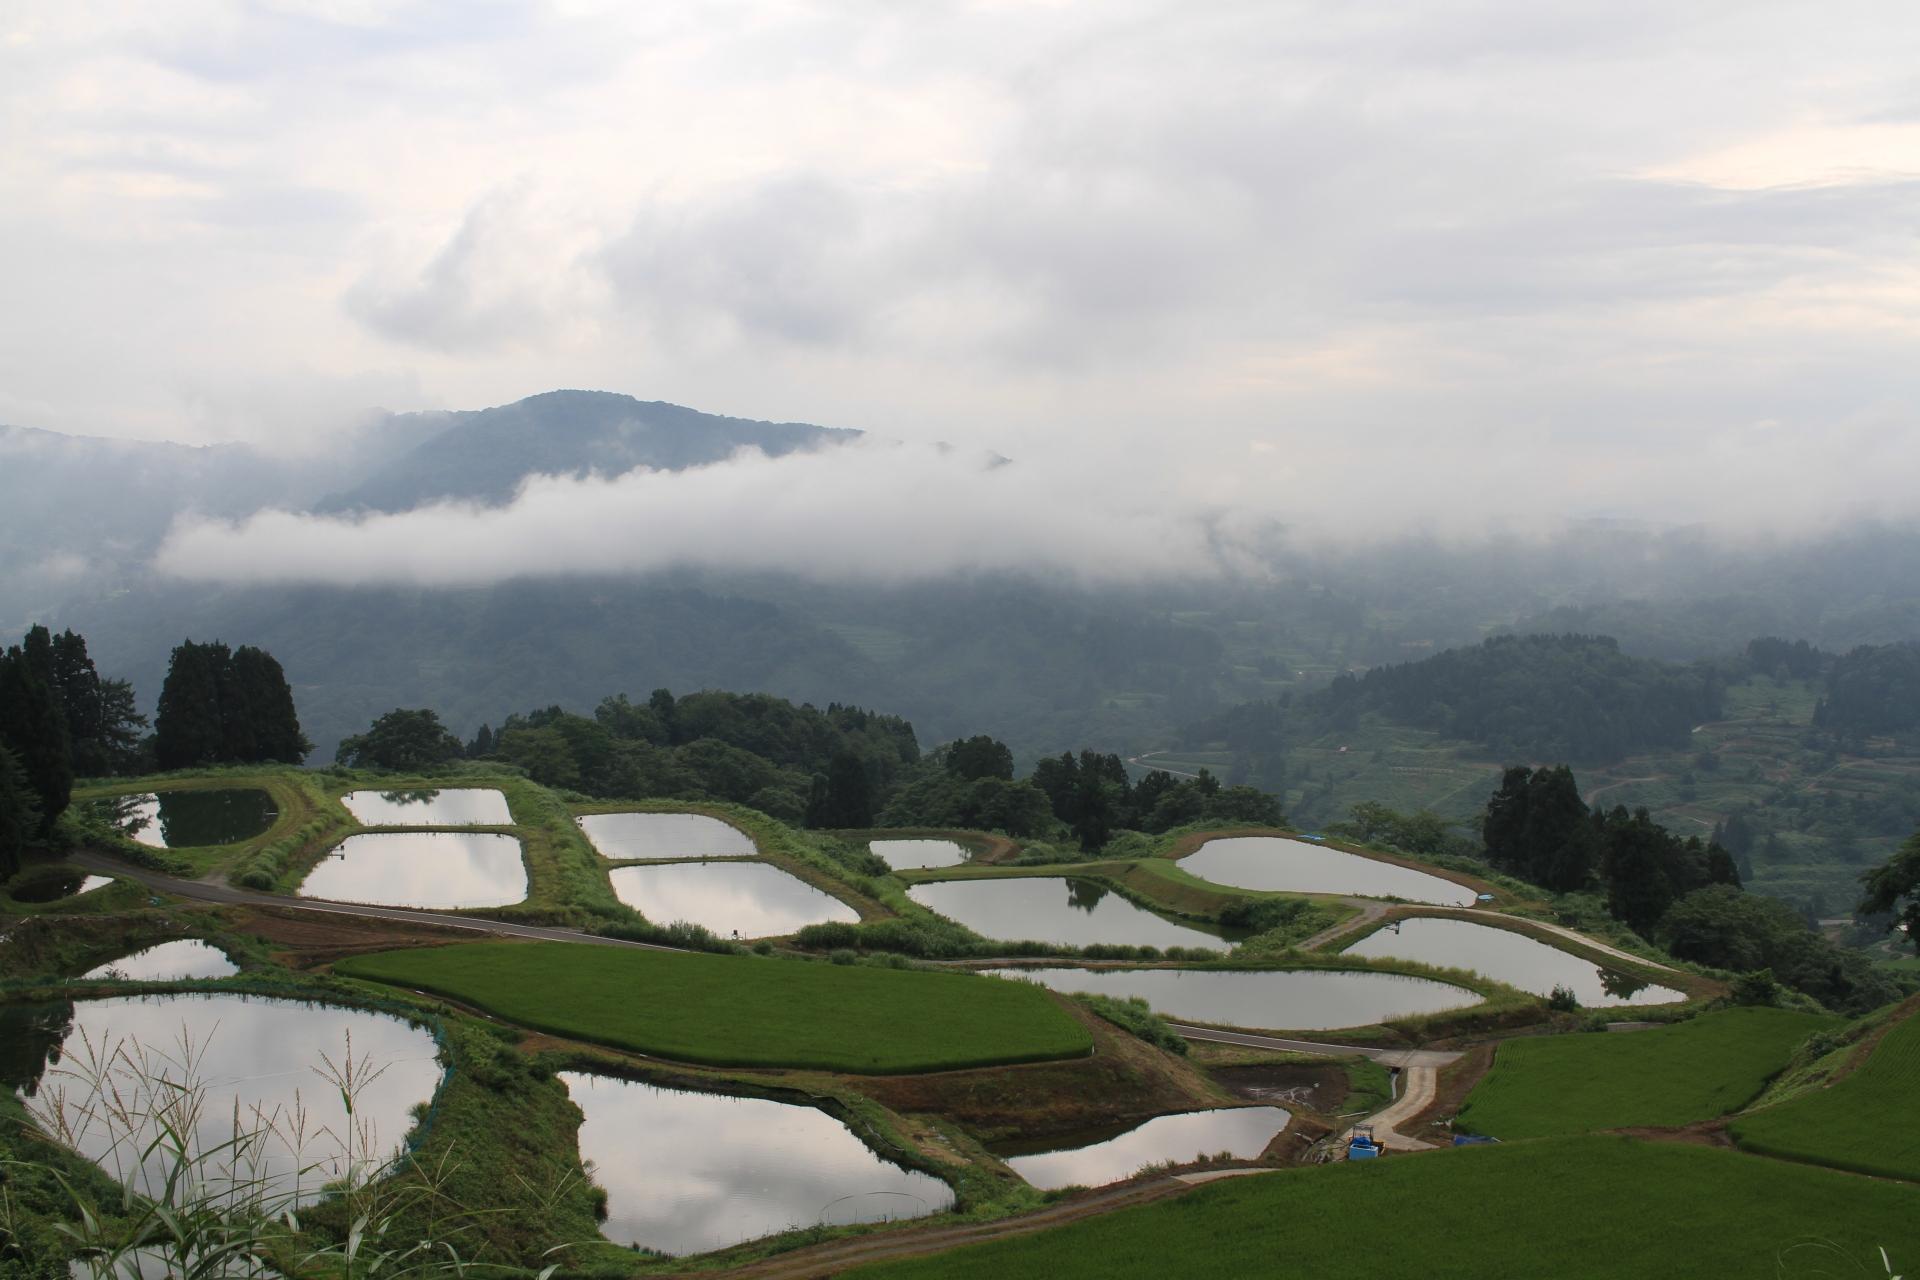 山古志観光は闘牛や棚田が見どころ!自然の絶景にも心癒されるおすすめの旅先!